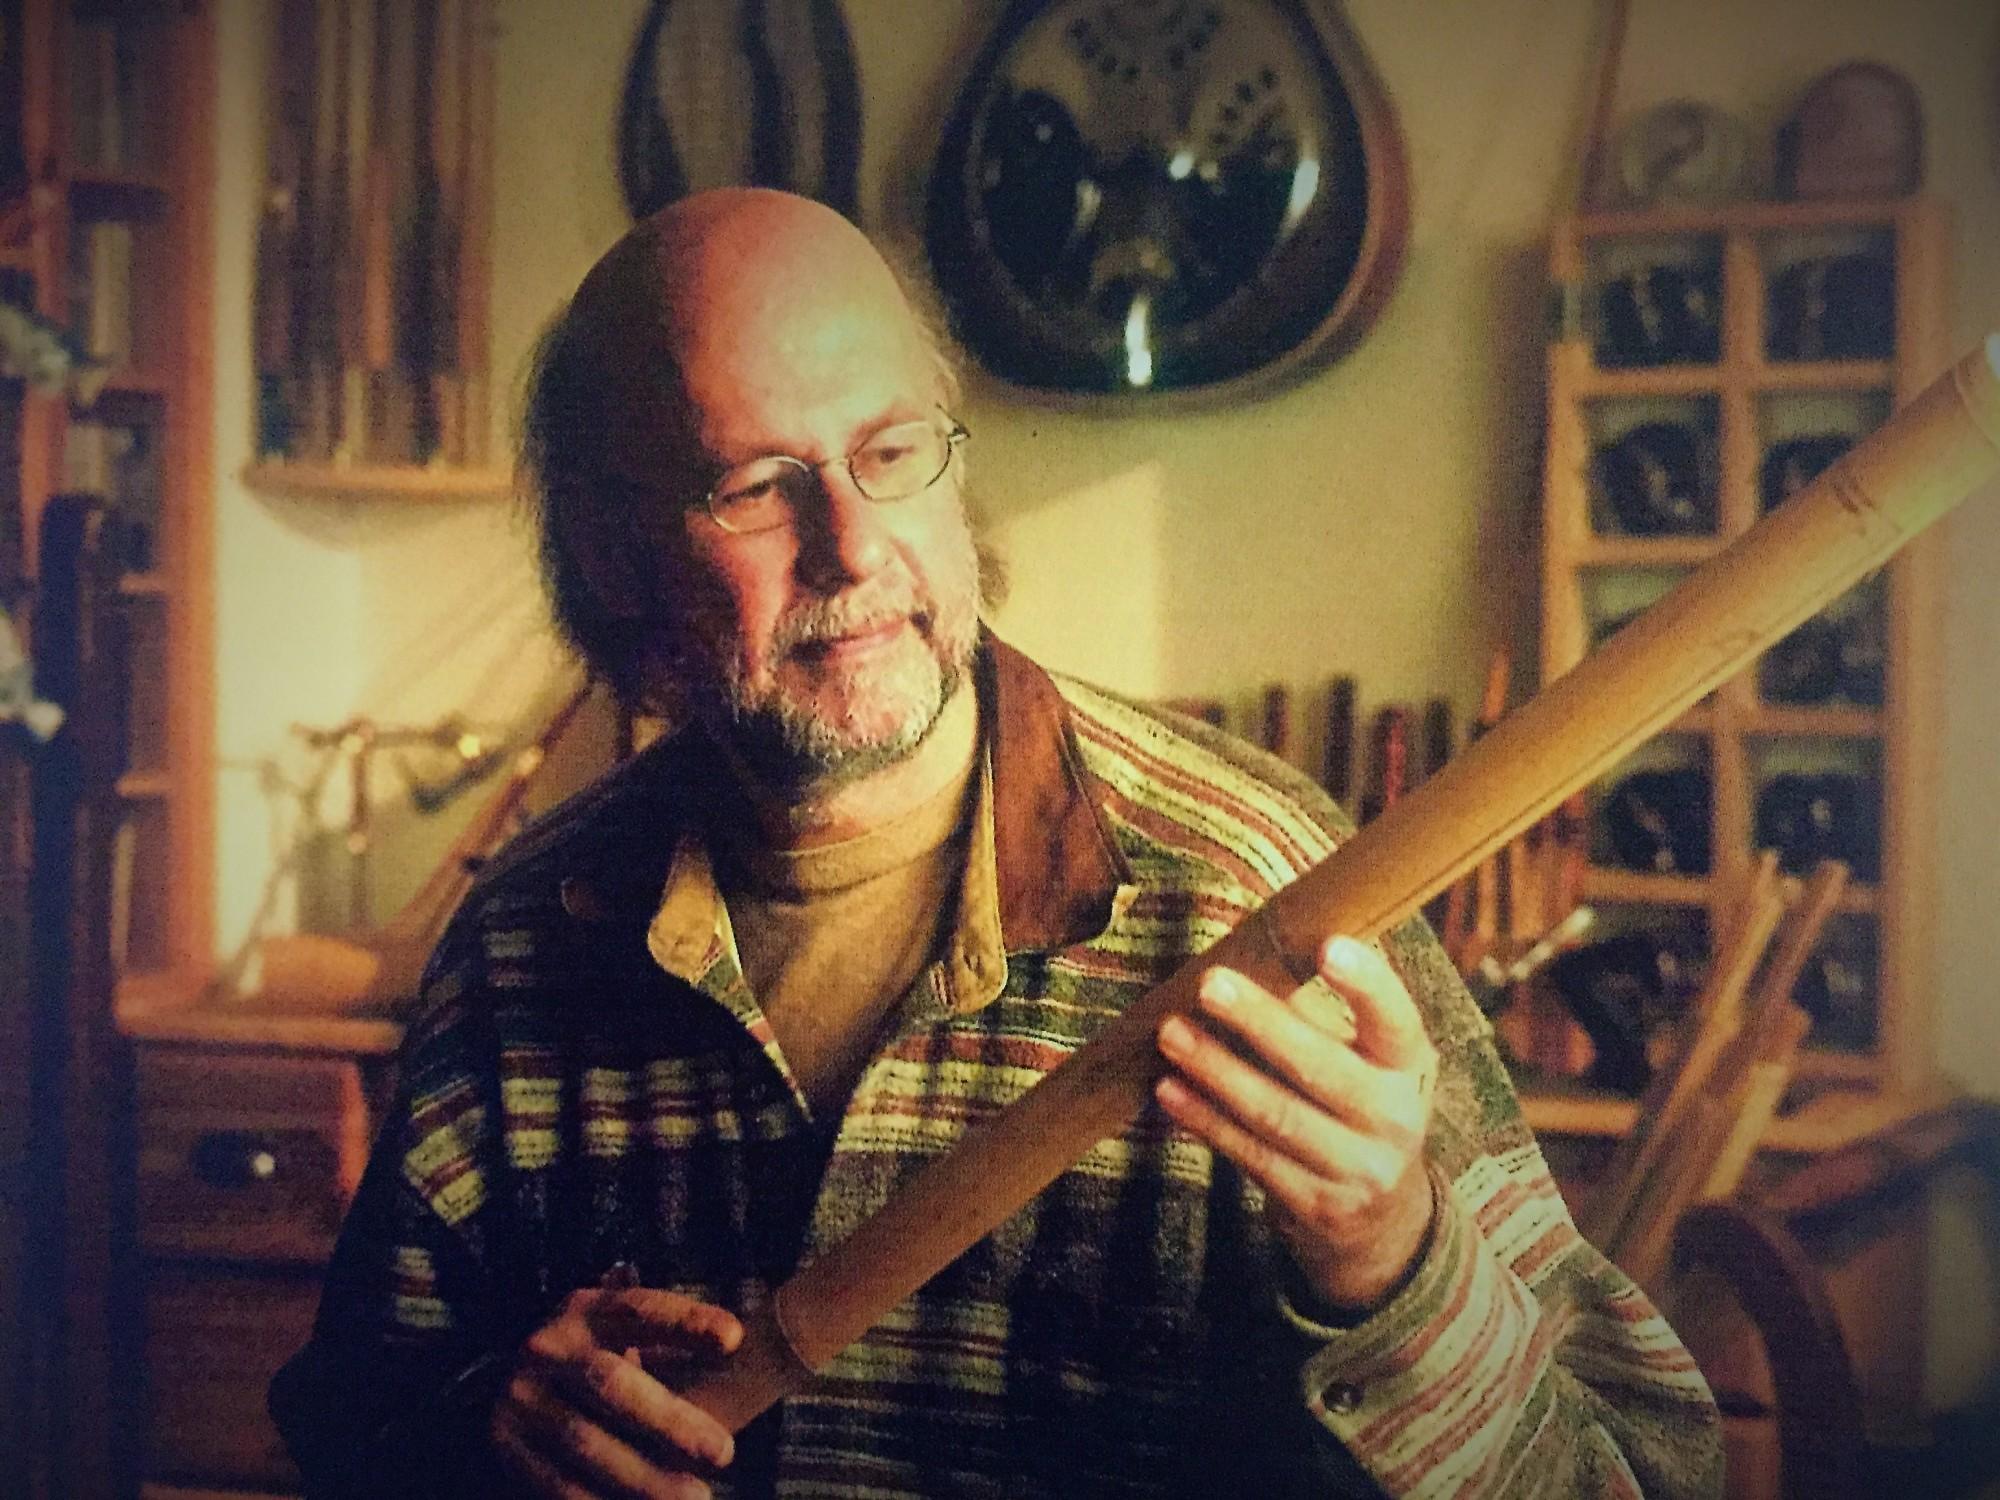 Rolf Baginski, Jahrgang 54, lebt und arbeite in Bremen - hier begutachtet er gerade Bambus für den Bau einer gespließten Rute.